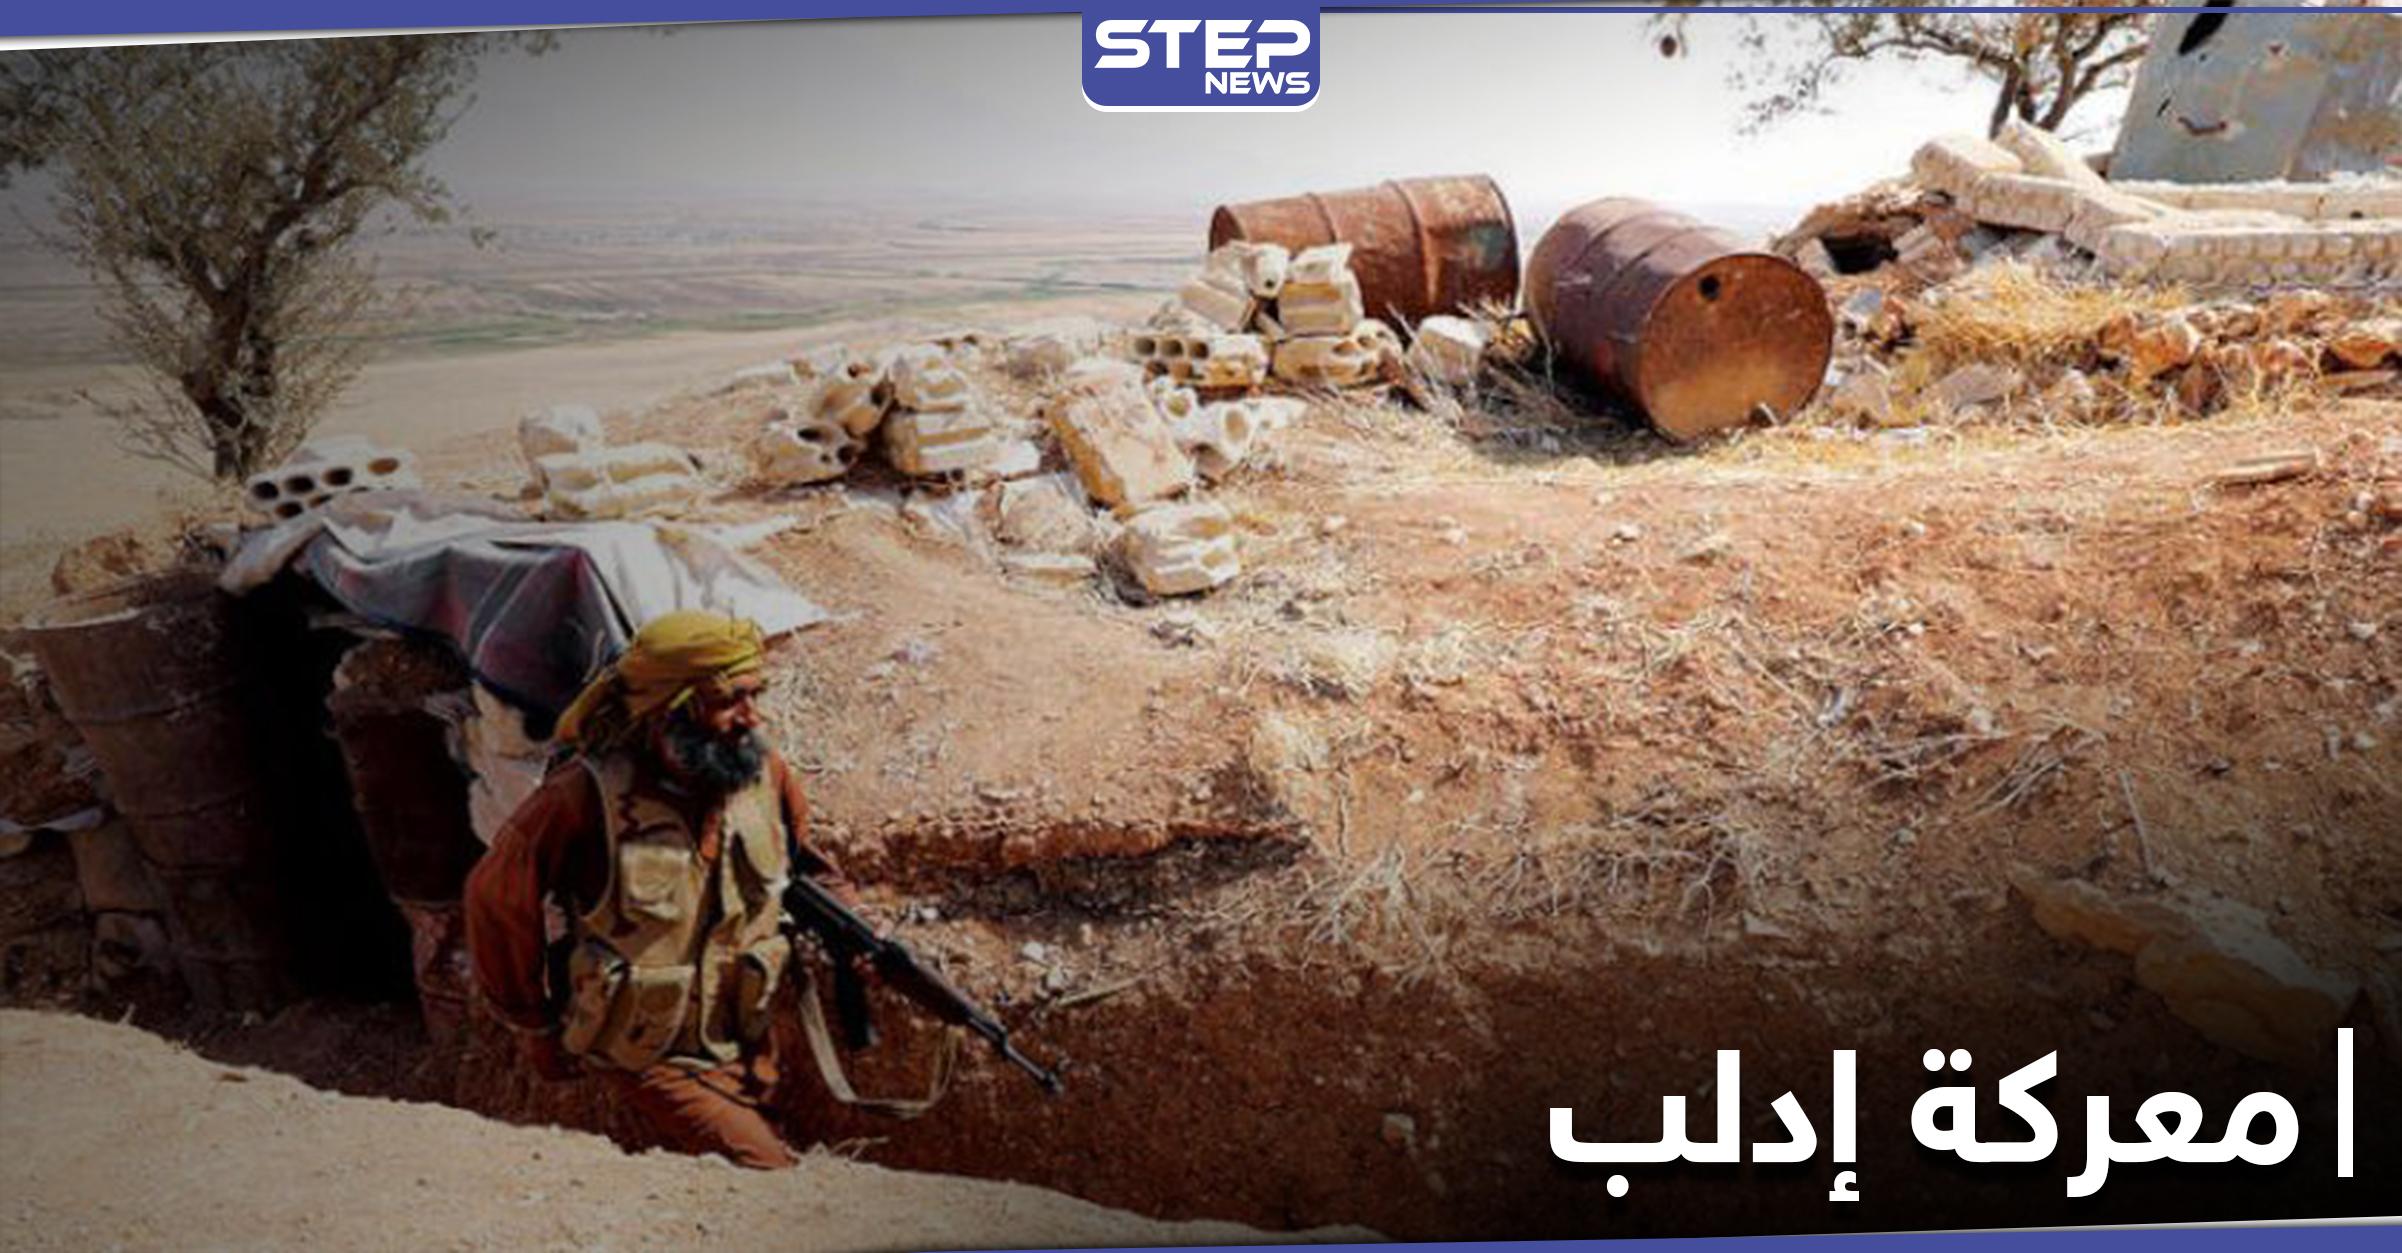 تصعيد عسكري في إدلب والمعارضة تحشد مقابل النظام السوري.. وأنباء عن معركة قريبة